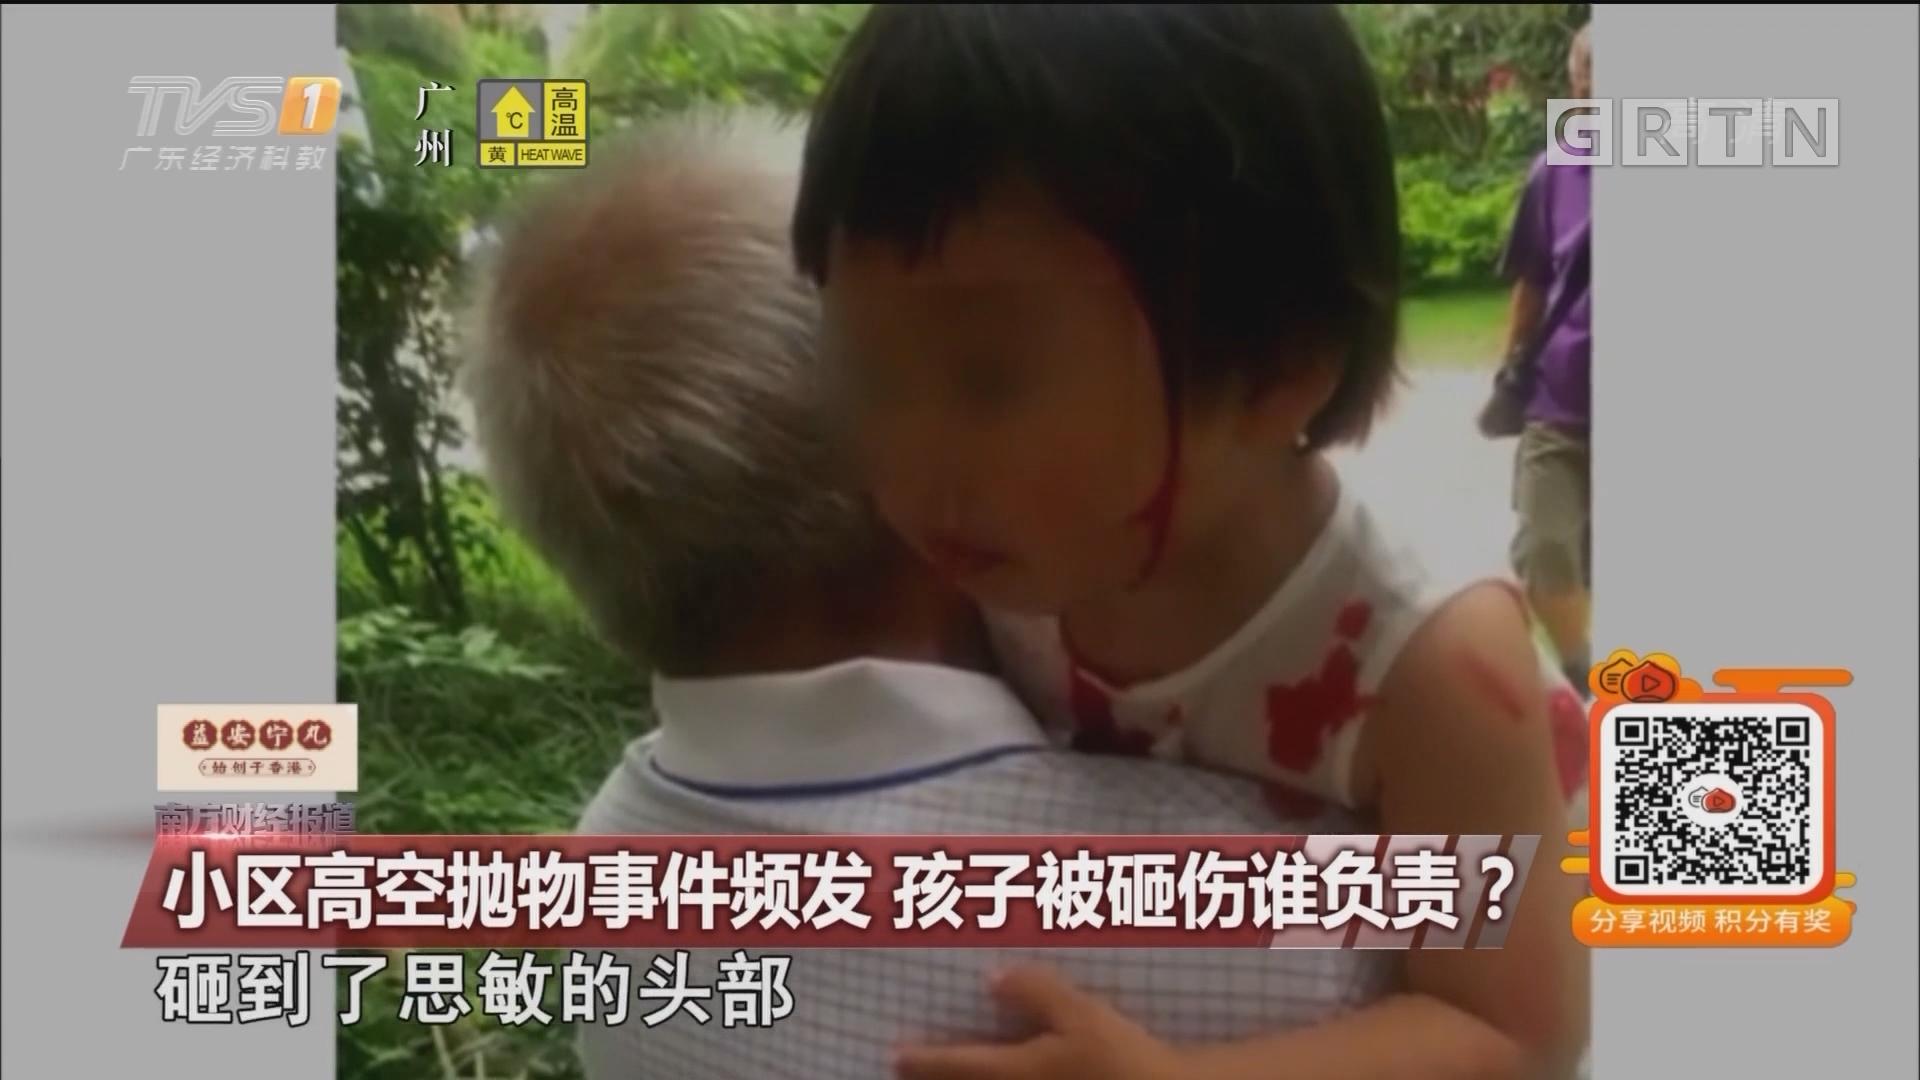 小区高空抛物事件频发 孩子被砸伤谁负责?